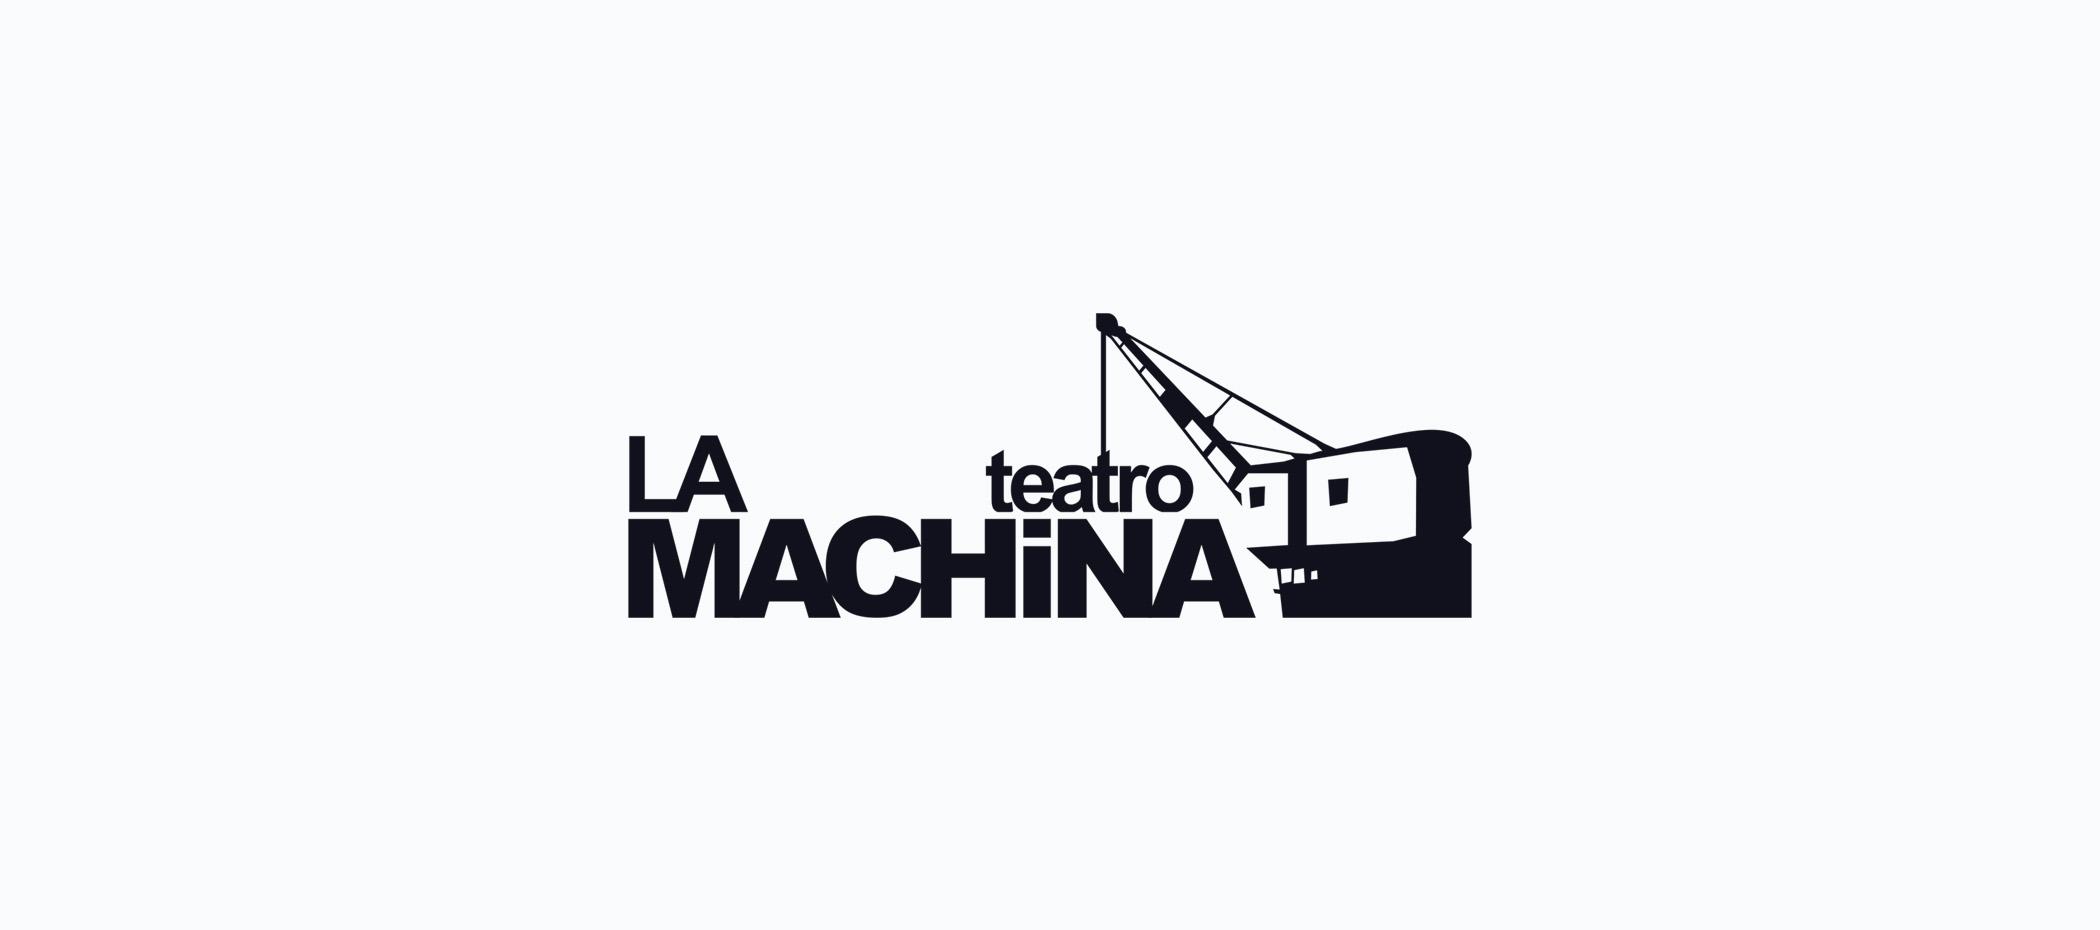 diseño logotipo - Beusual - diseño grafico santander - la machina teatro